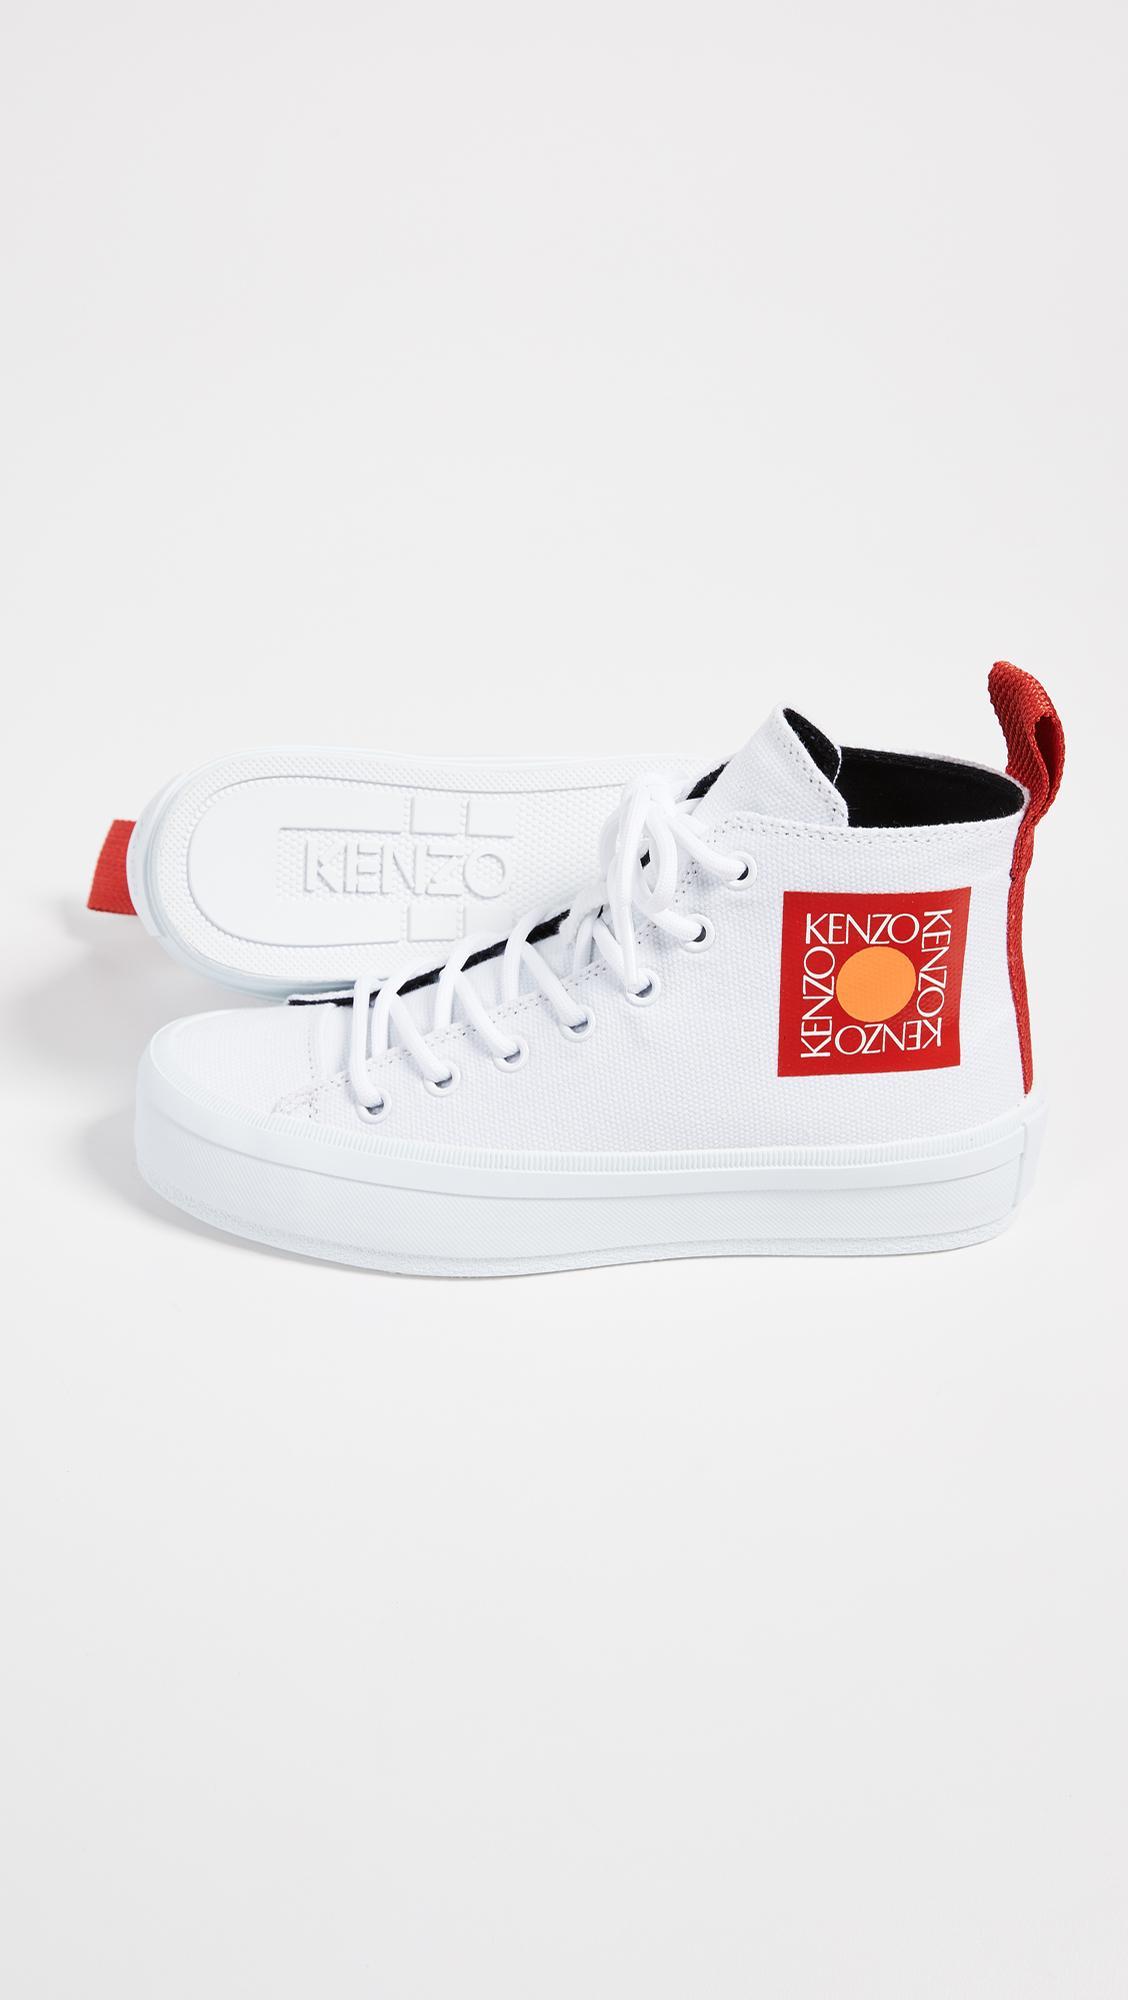 KENZO Canvas K-street Hi-top Sneakers